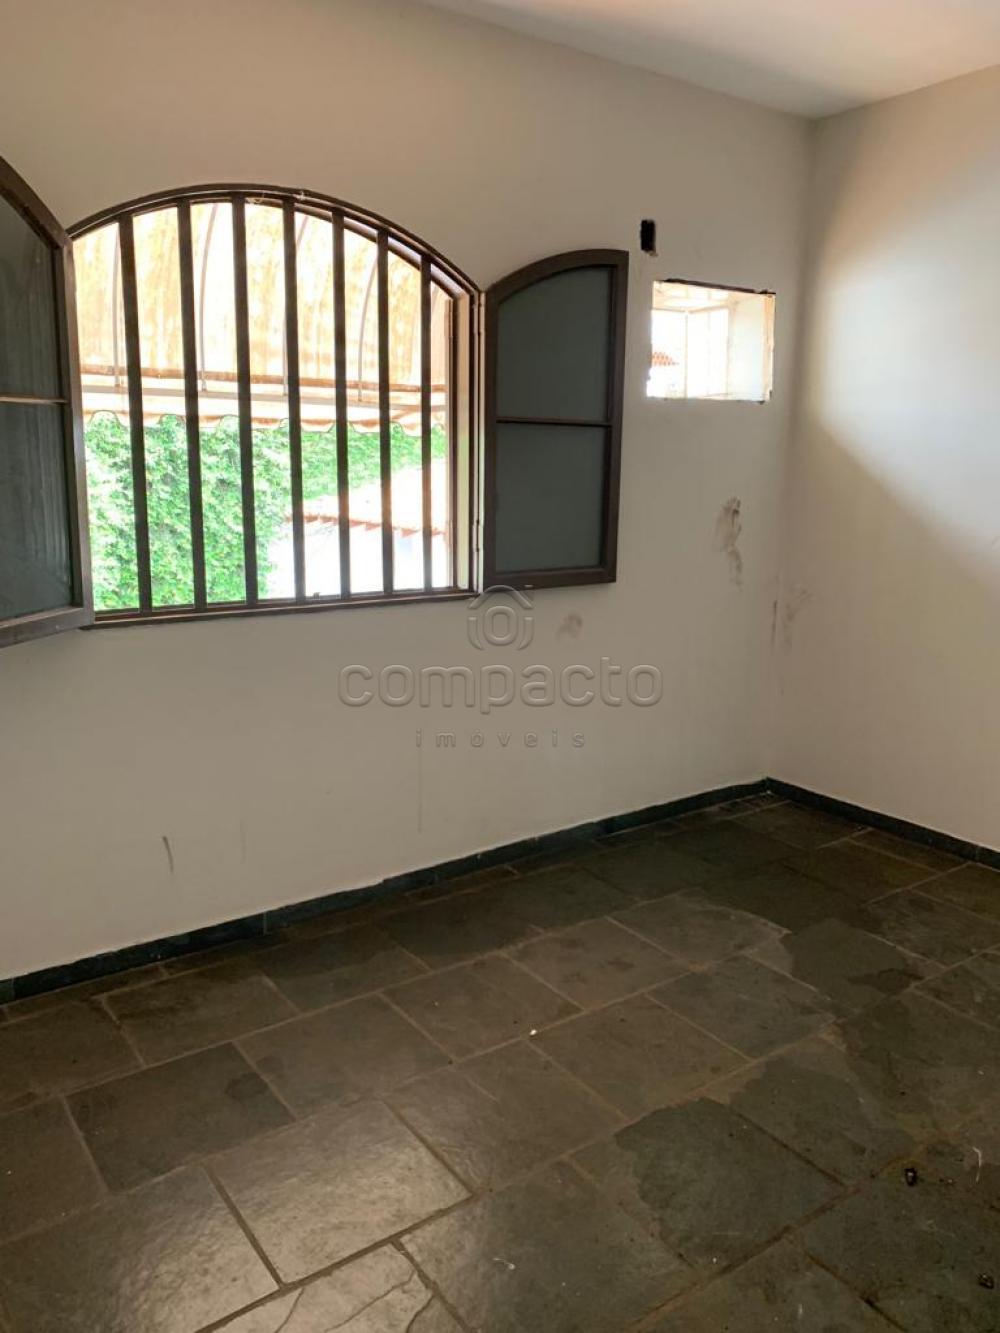 Alugar Comercial / Casa em São José do Rio Preto apenas R$ 7.000,00 - Foto 22